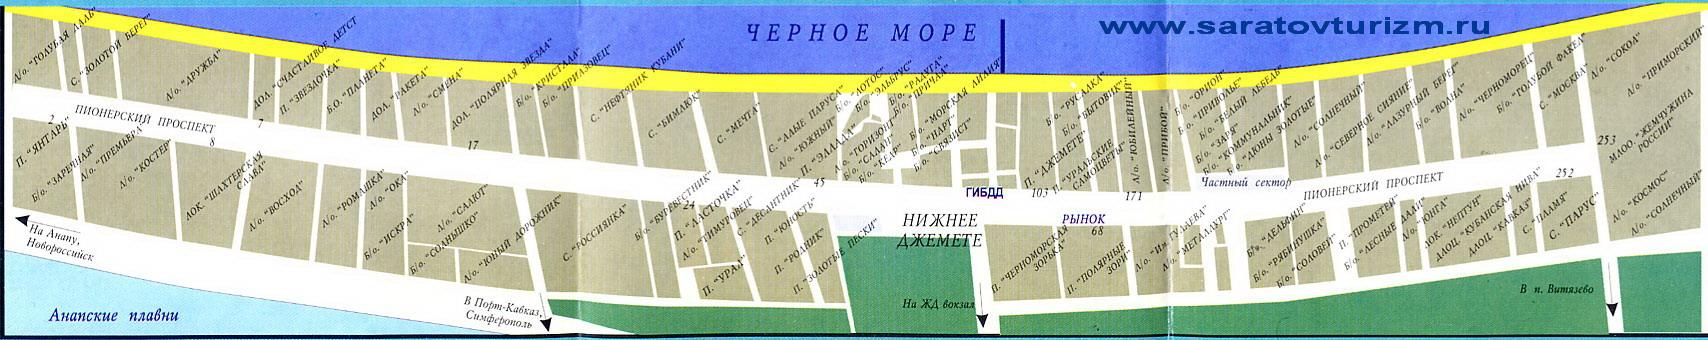 Карта Пионерского Проспекта Анапы